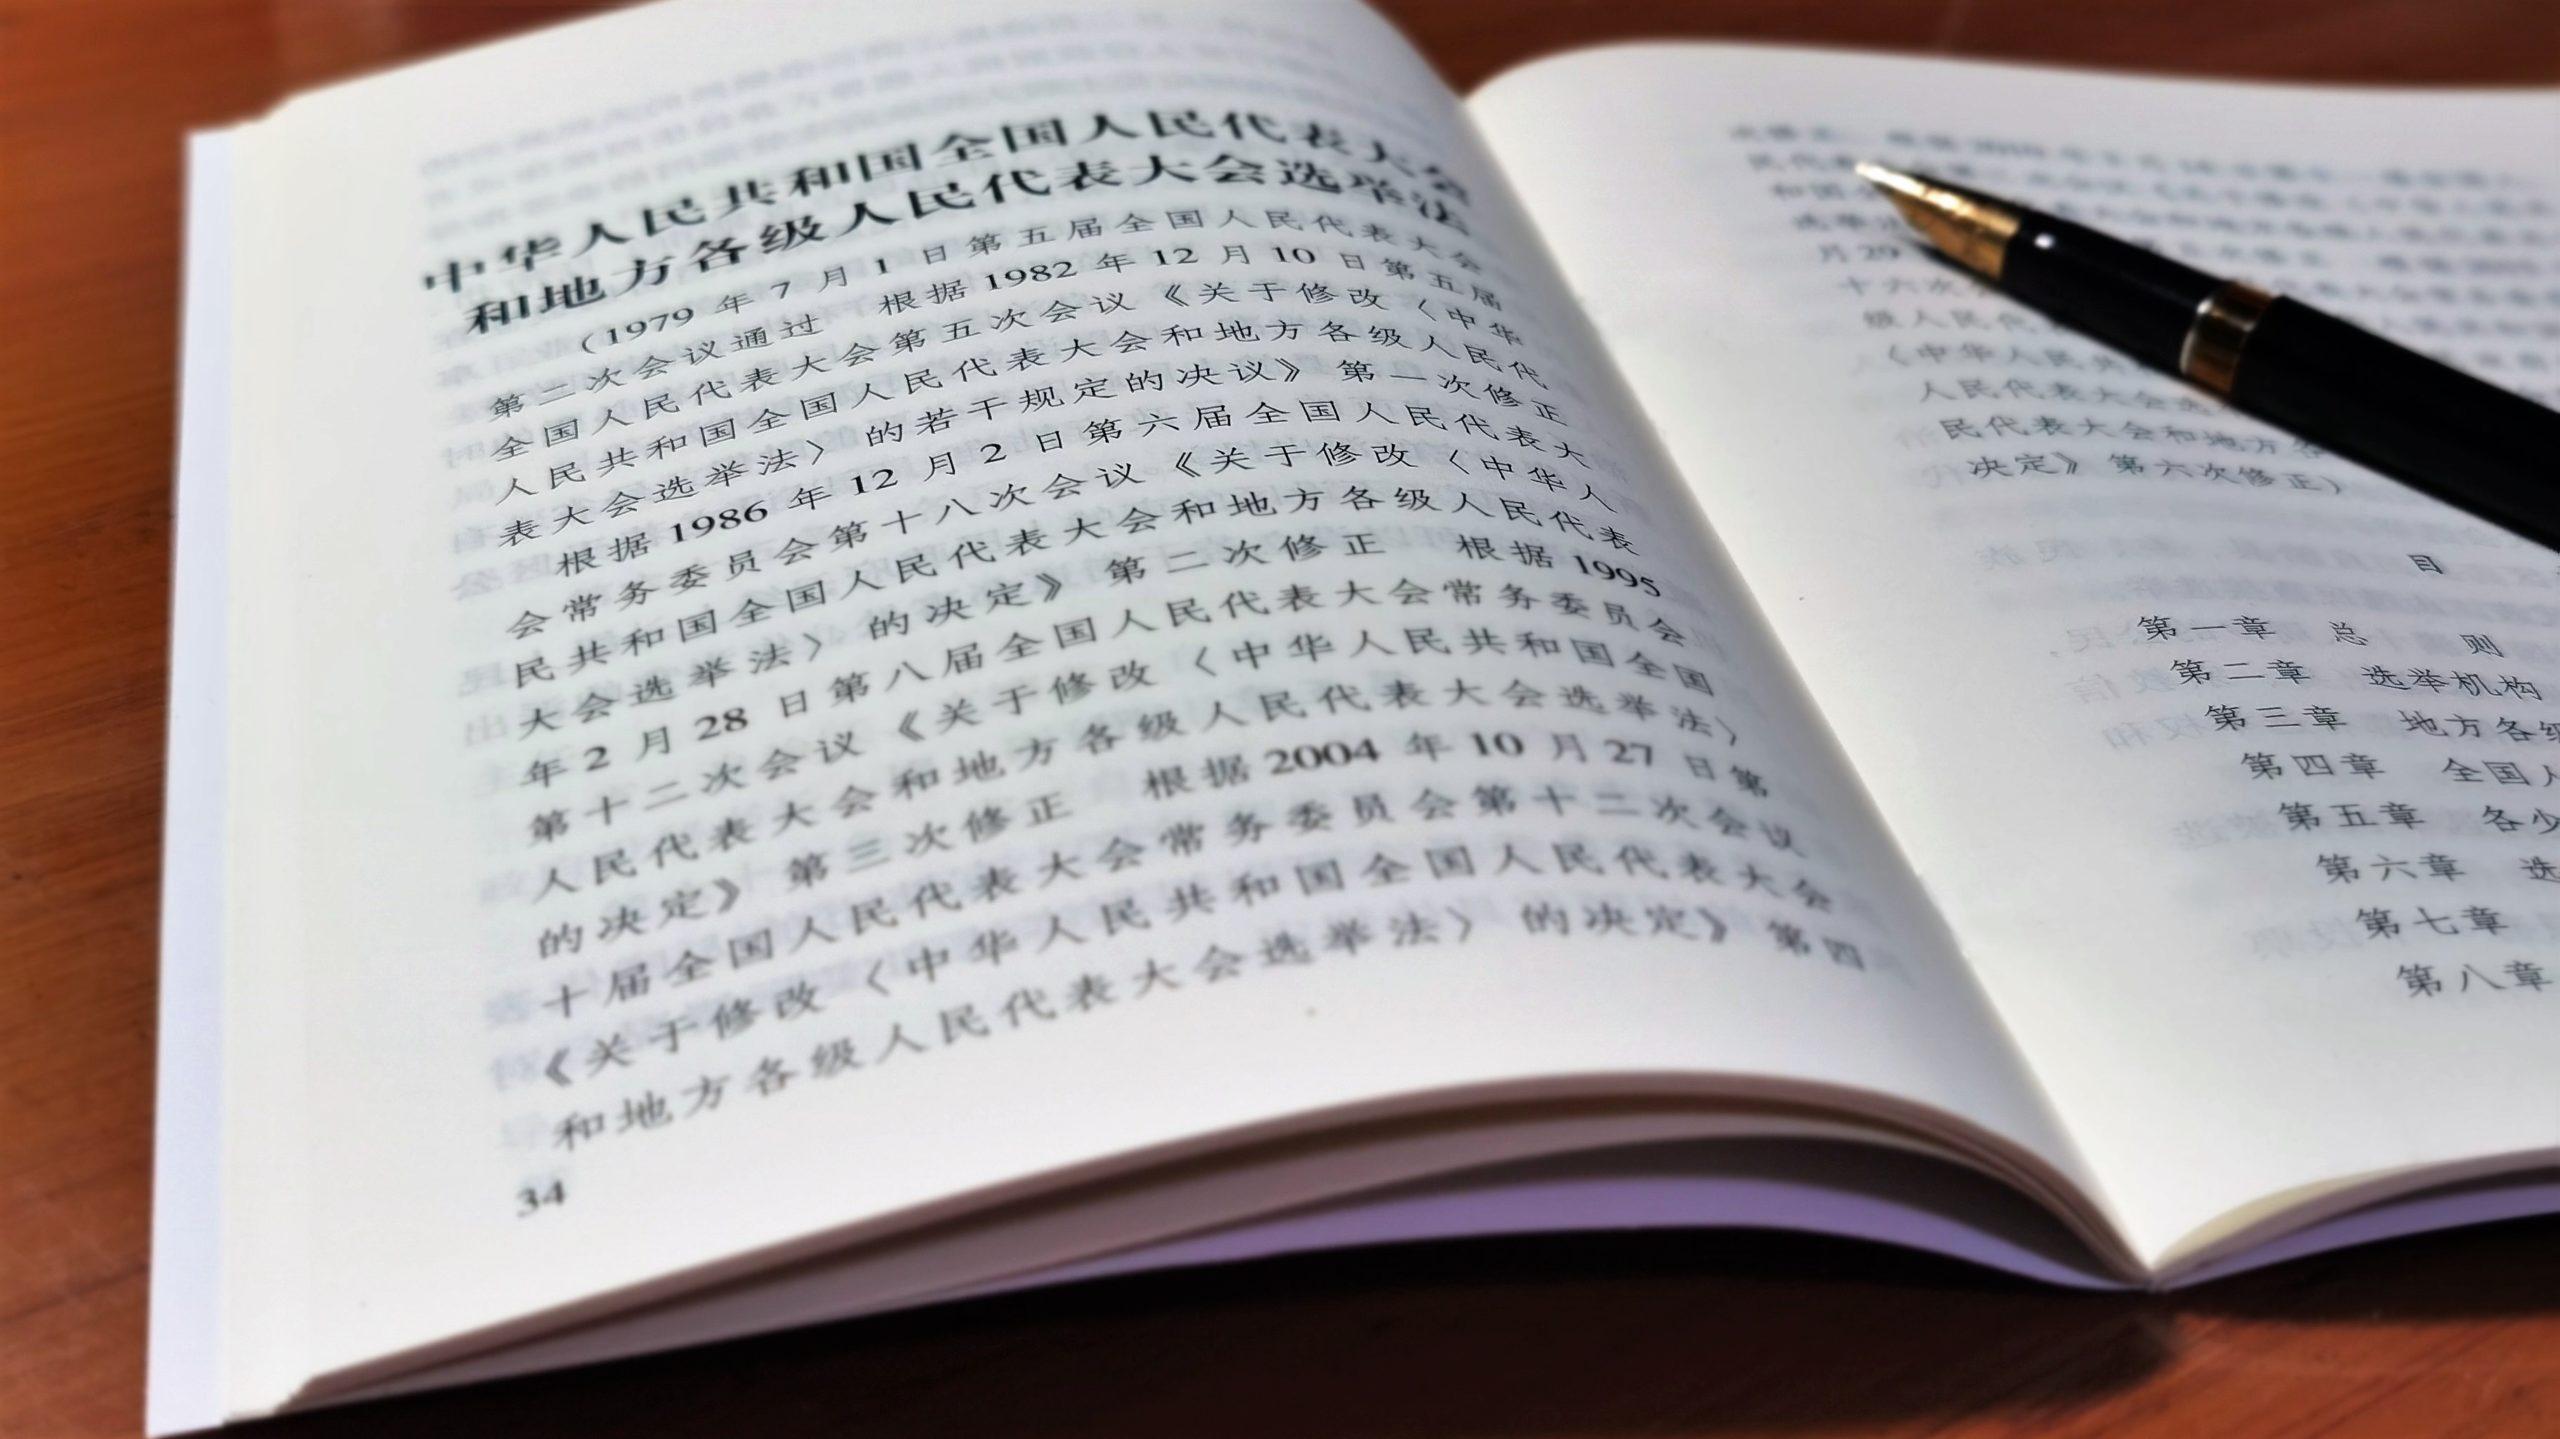 《中华人民共和国全国人民代表大会和地方各级人民代表大会选举法》书影